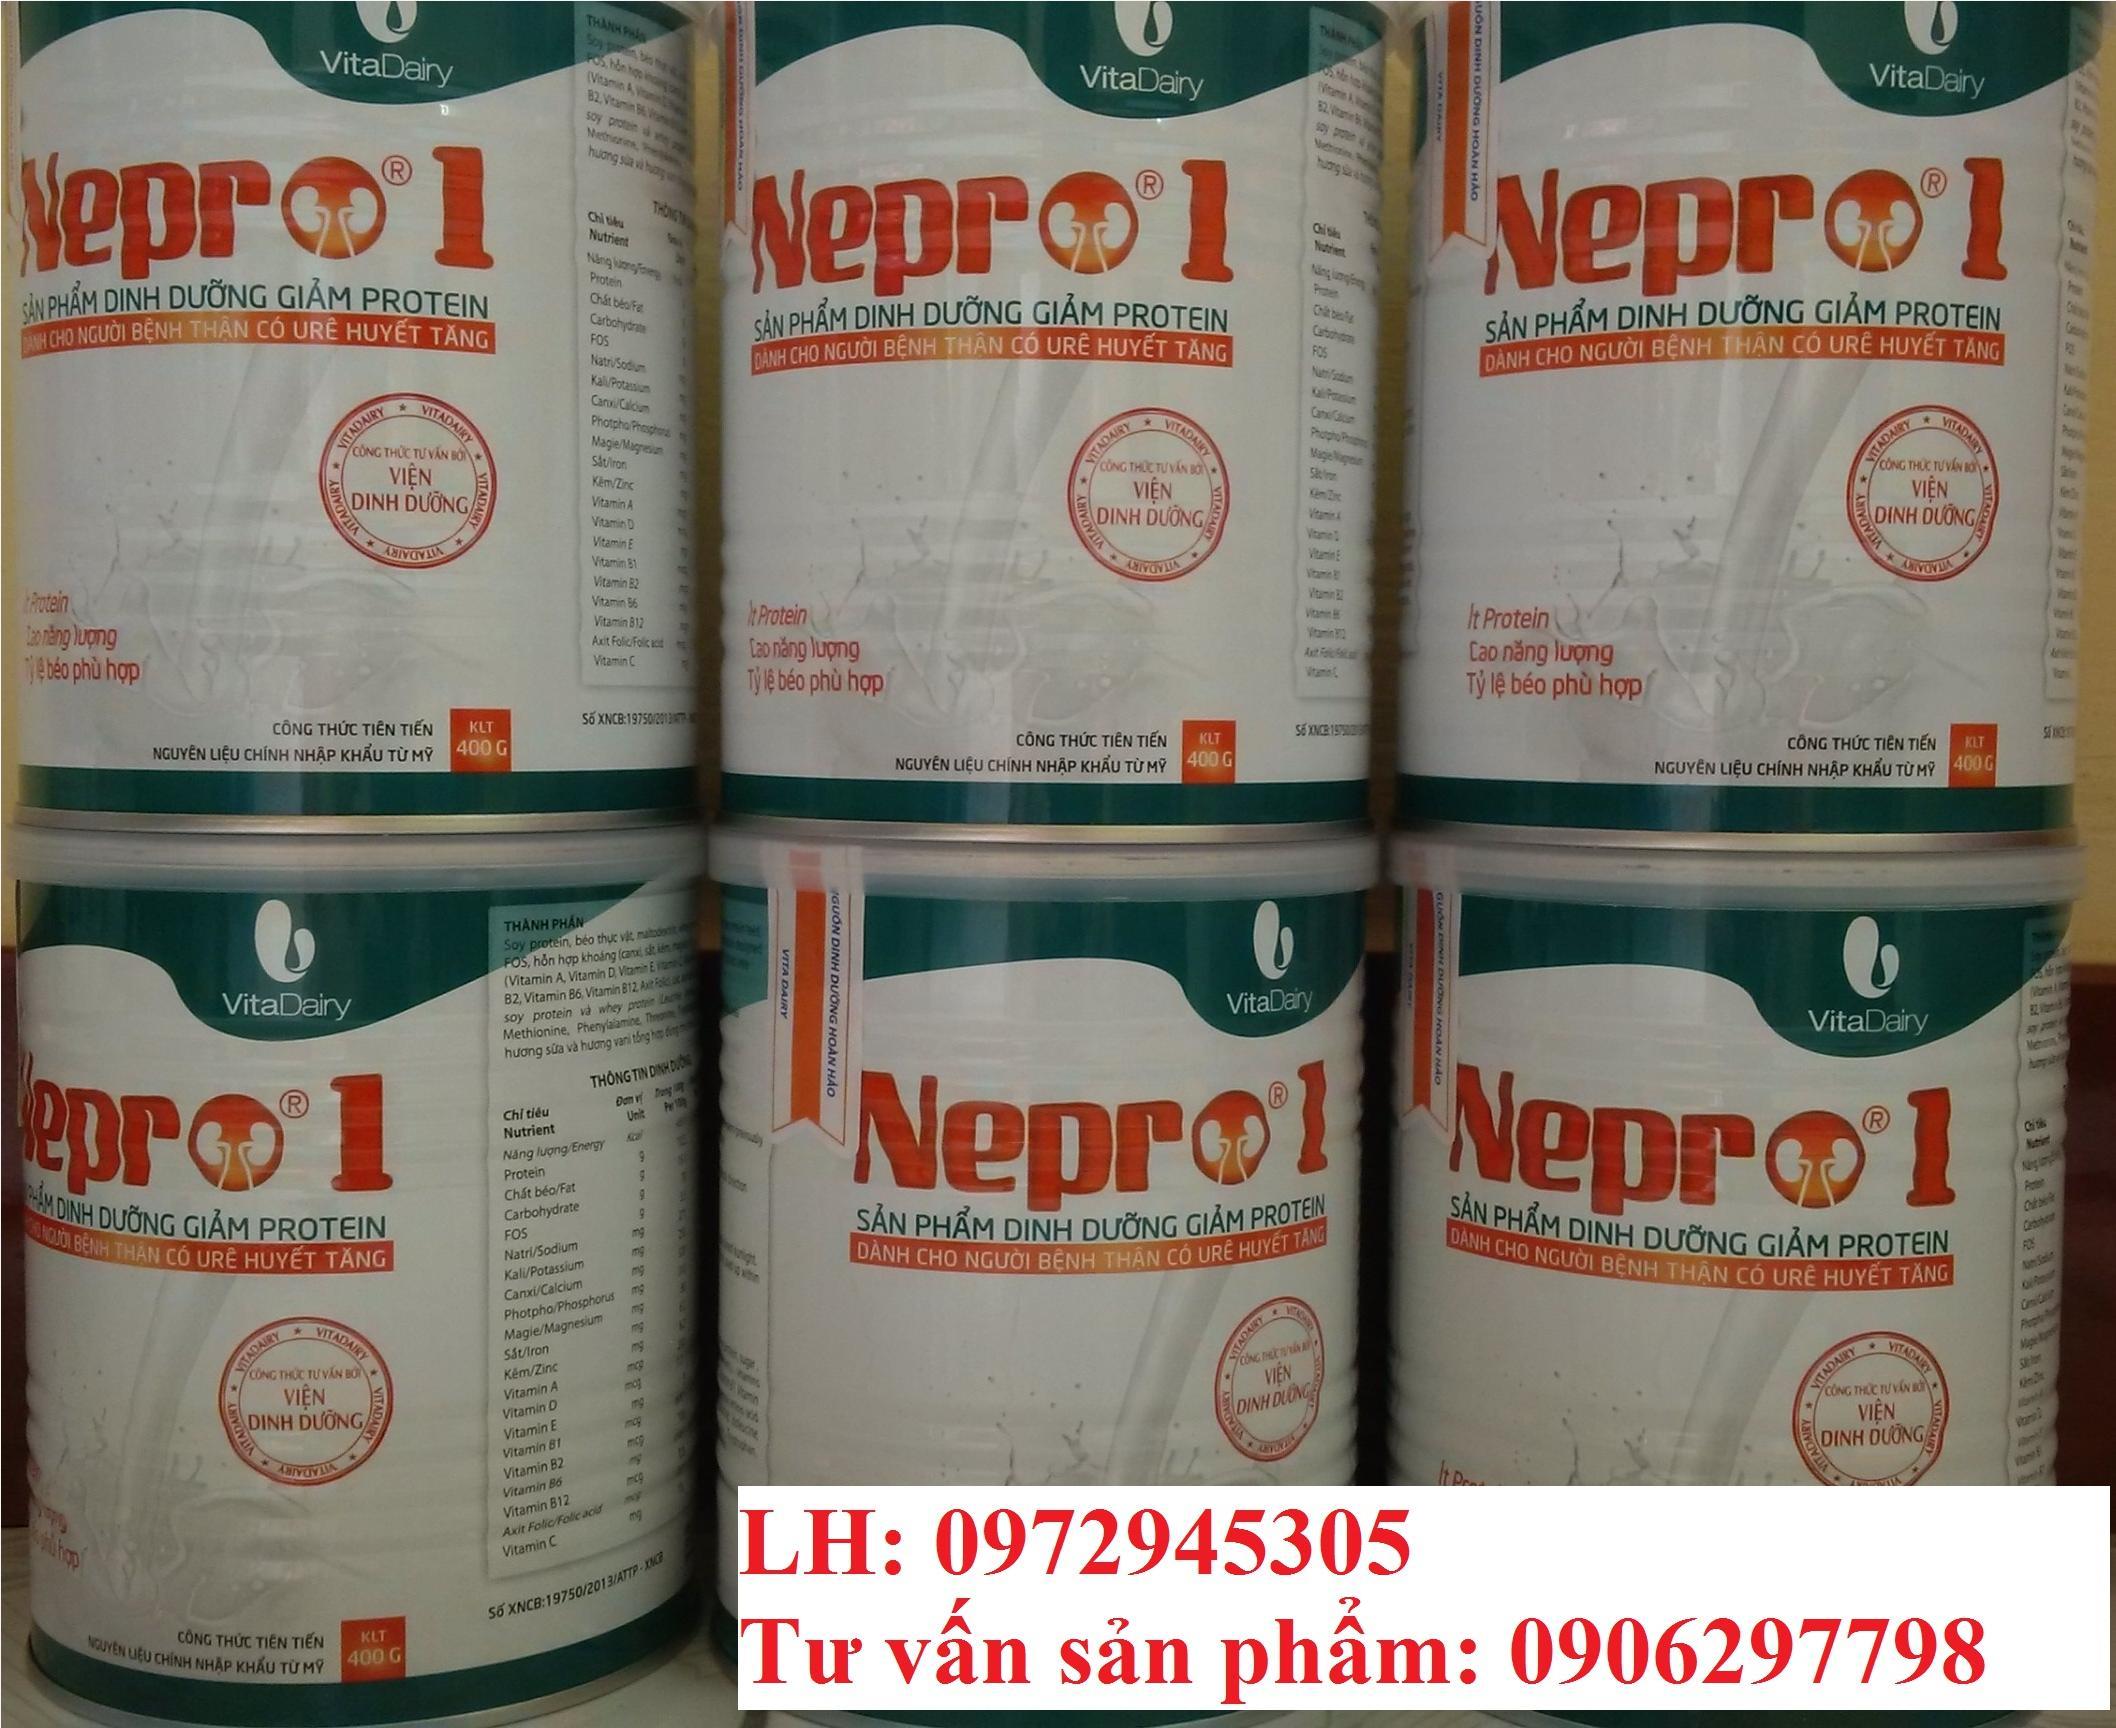 Sữa Nepro 1 cho bệnh nhân suy thận mua ở đâu, sữa Nepro 1 giá bao nhiêu?